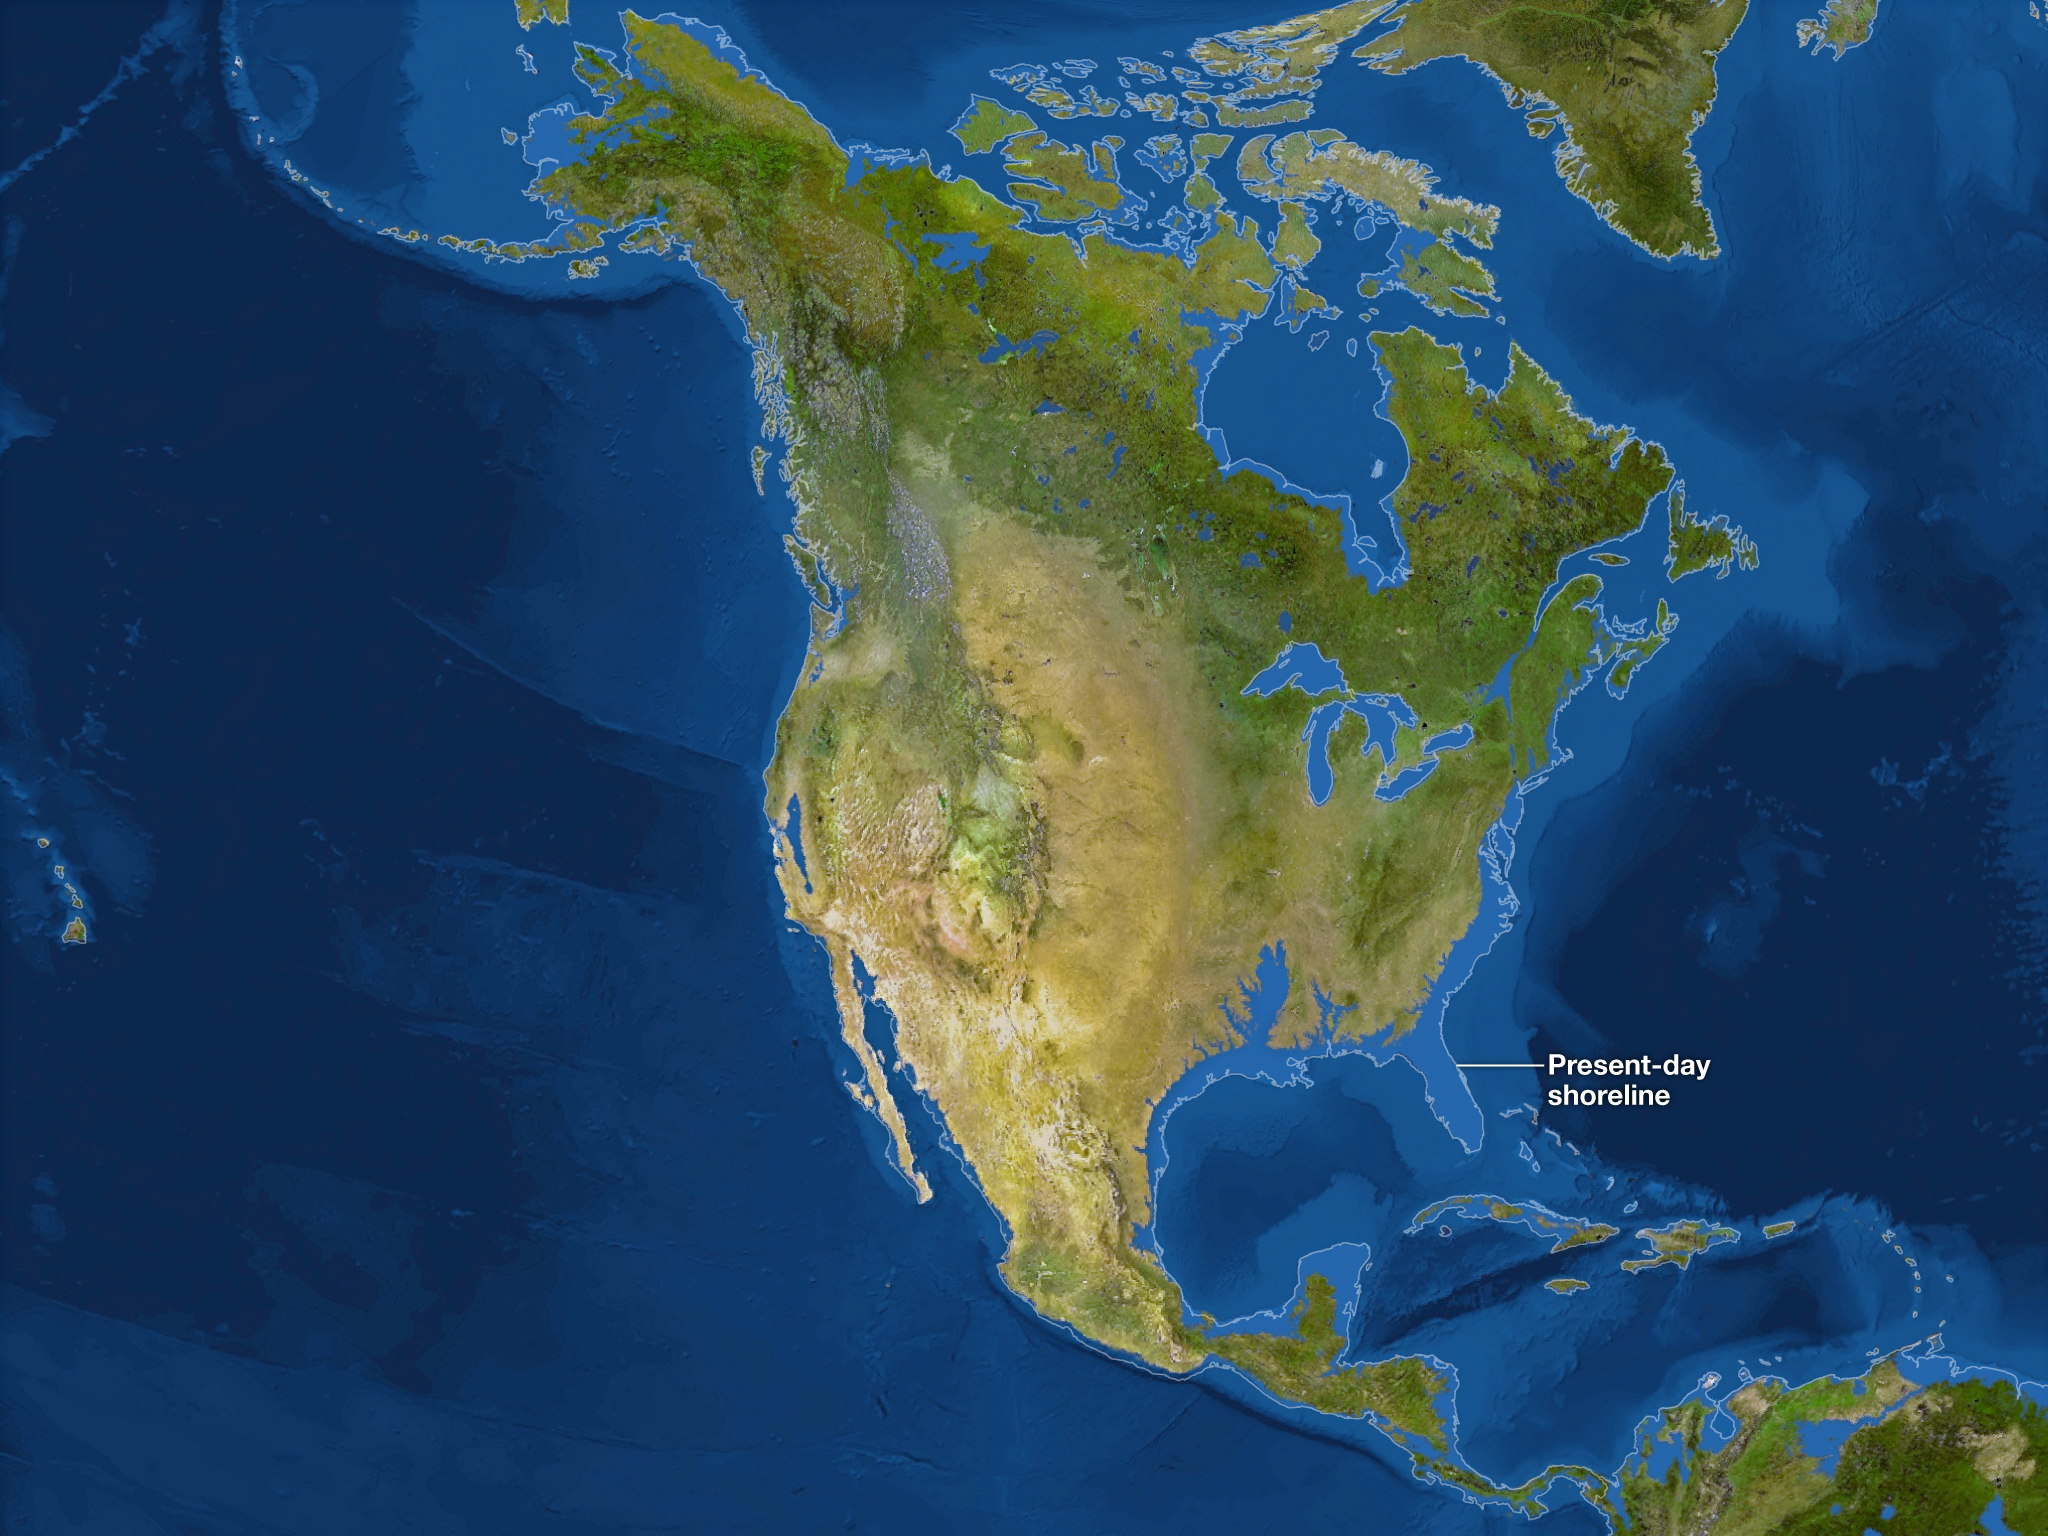 Юго-восток Северной Америки исчезнет